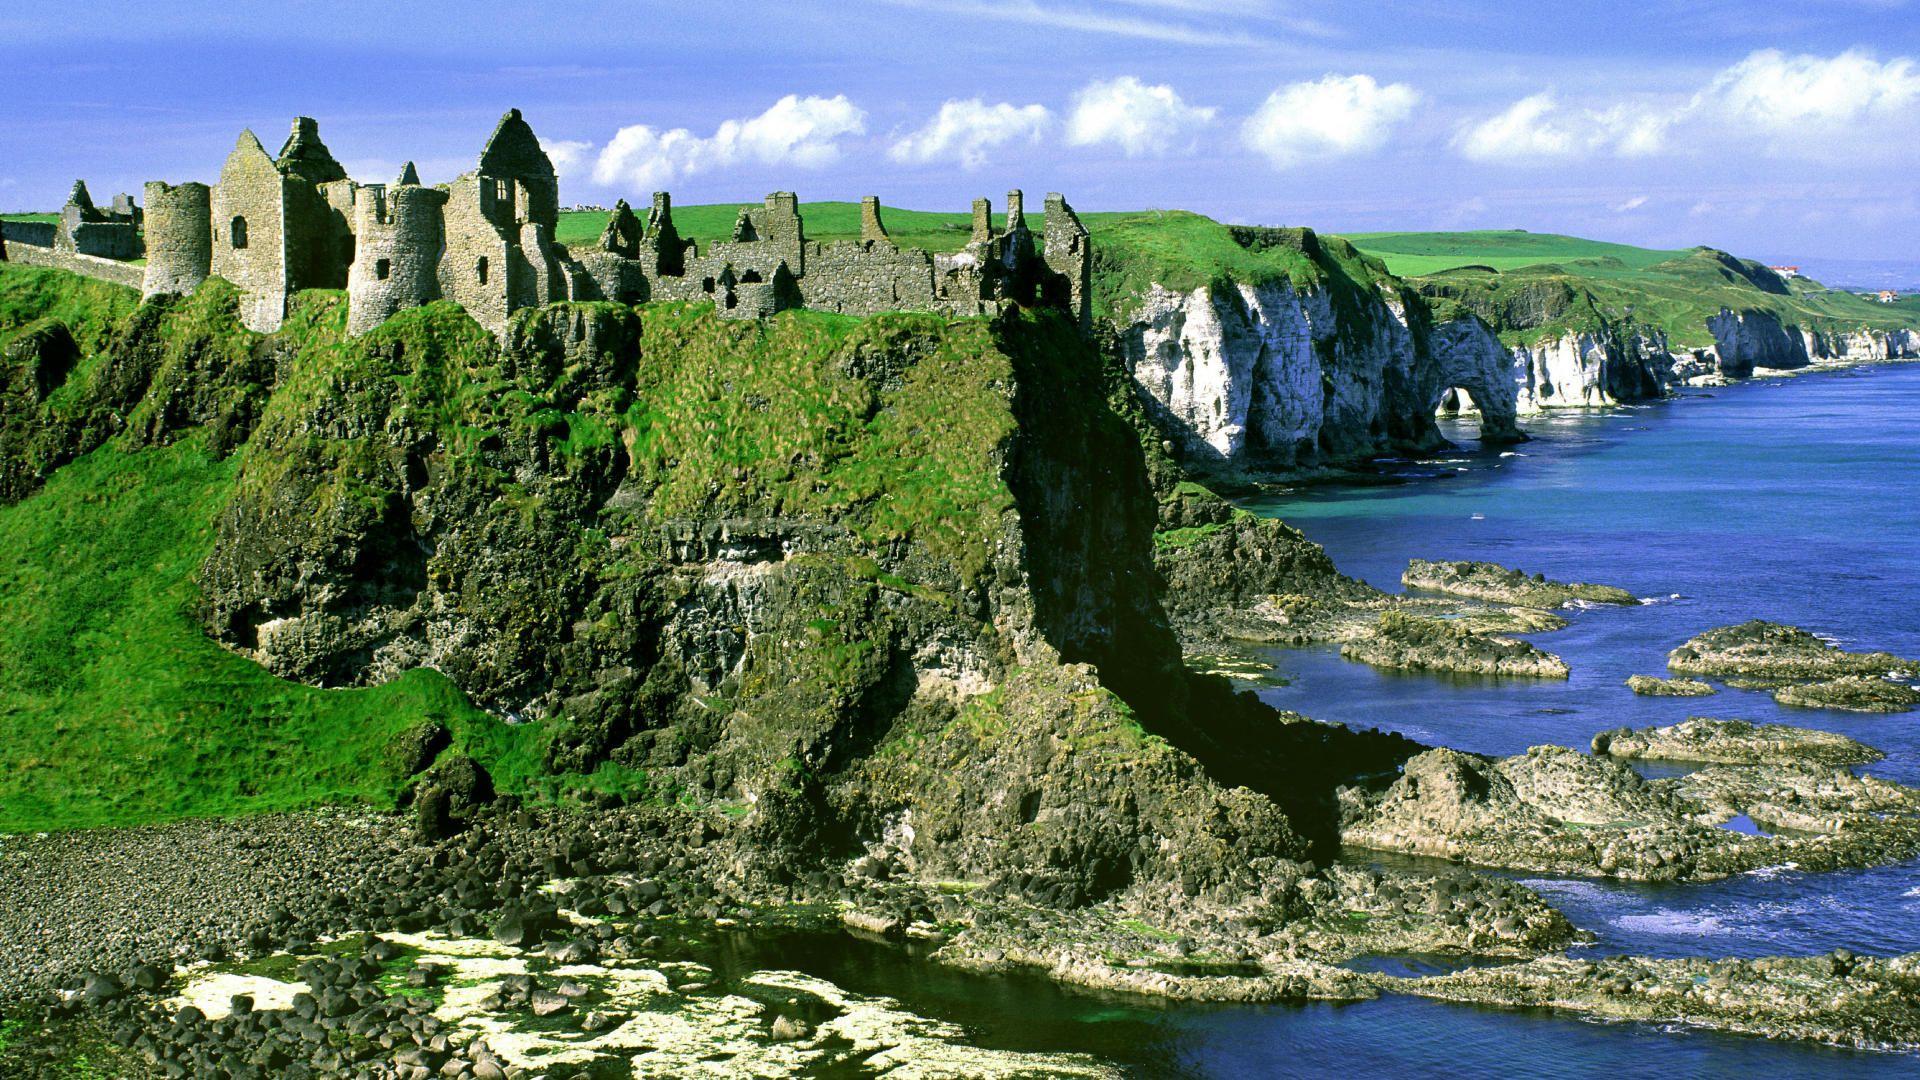 Un viaggio in Irlanda? Ecco le mete naturali più visitate ...